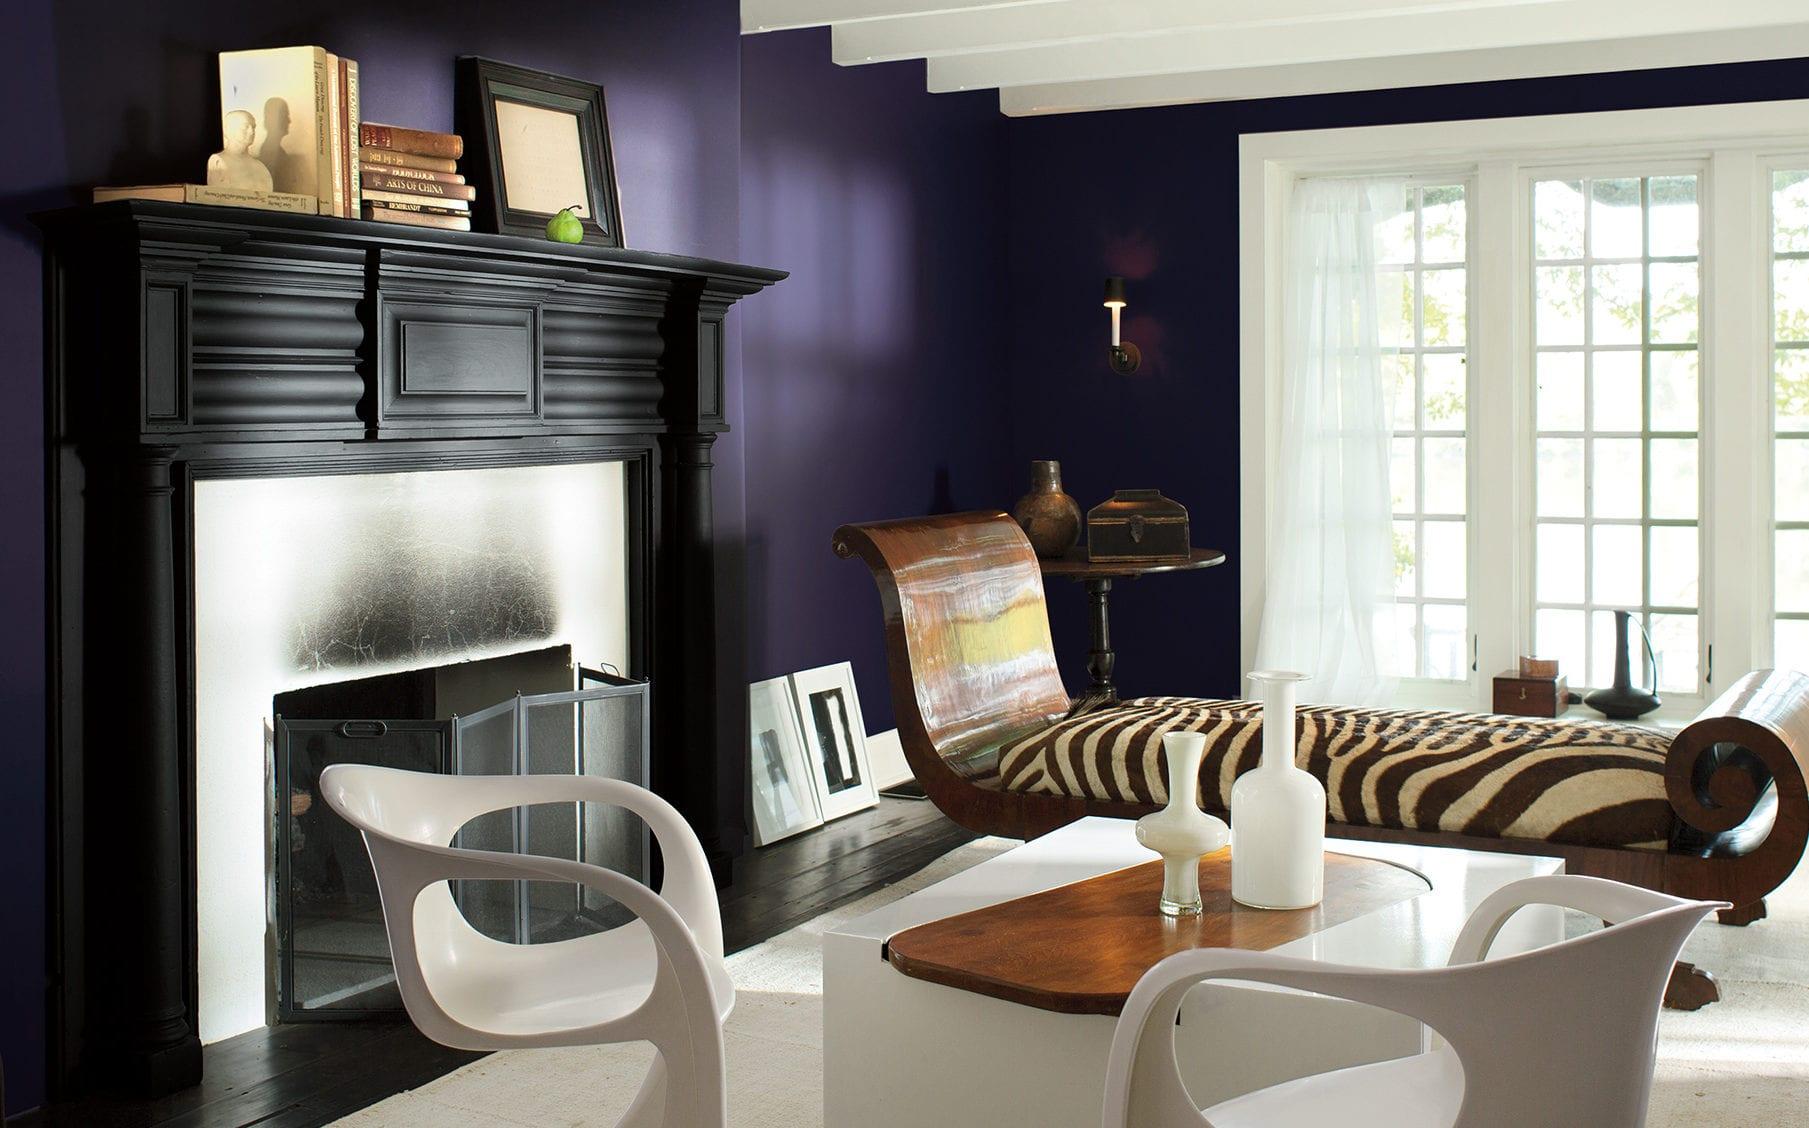 Farbgestaltung Wohnzimmer Mit Wandfarbe Lila Modernes Kamin Schwarz Weisse Sthle Und Couchtisch